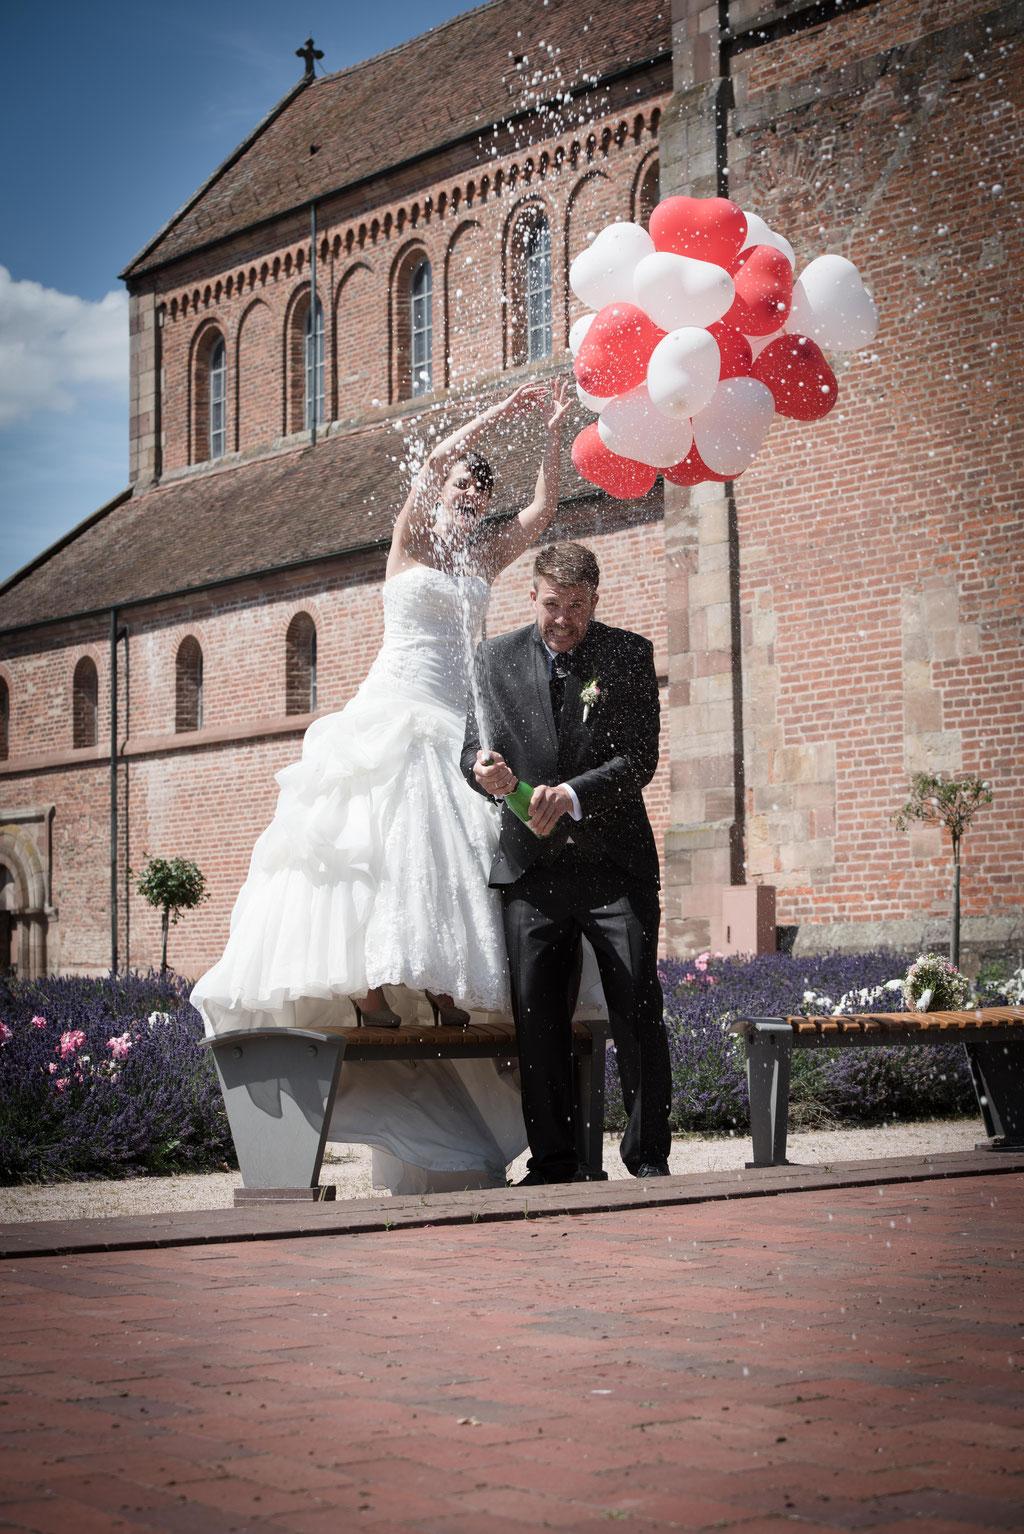 Brautpaar mit Sektflasche Schwarzacher Münster Rastet Baden-Baden / Hochzeitsfotograf Daniel Keller